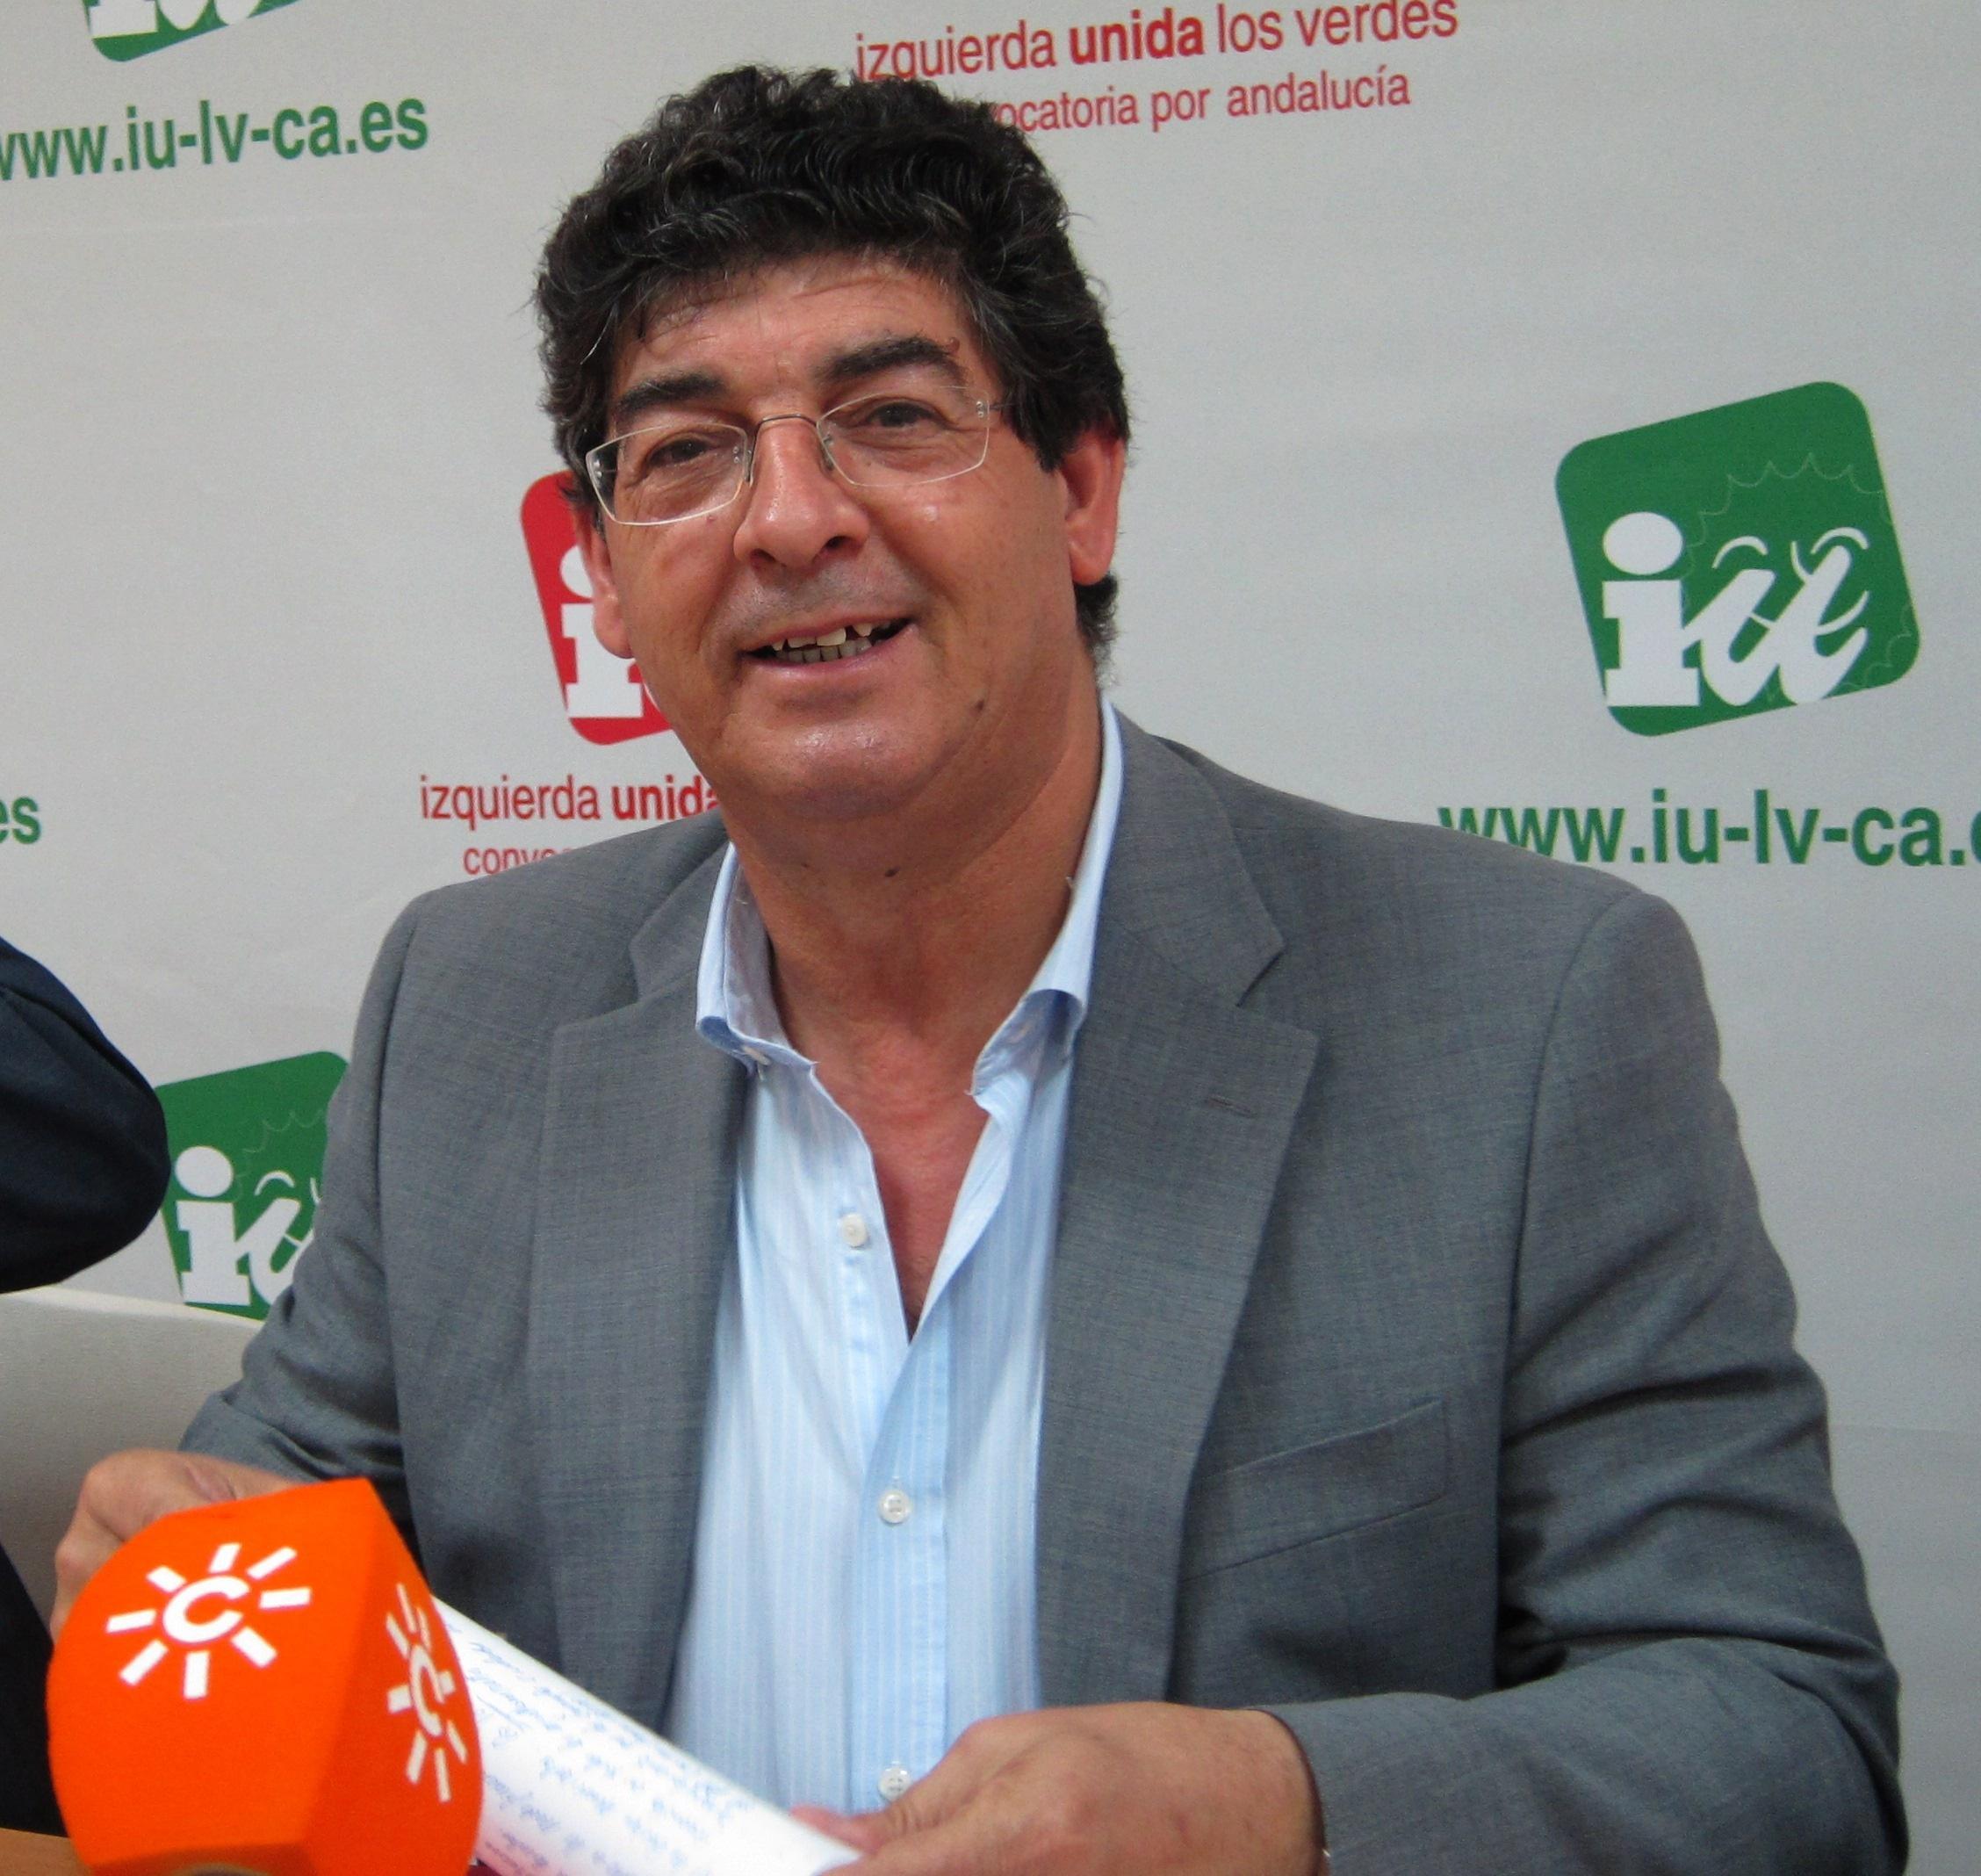 Valderas ofrece «mano tendida» al CUT-BAI para lograr una única candidatura en la Asamblea Andaluza de IULV-CA